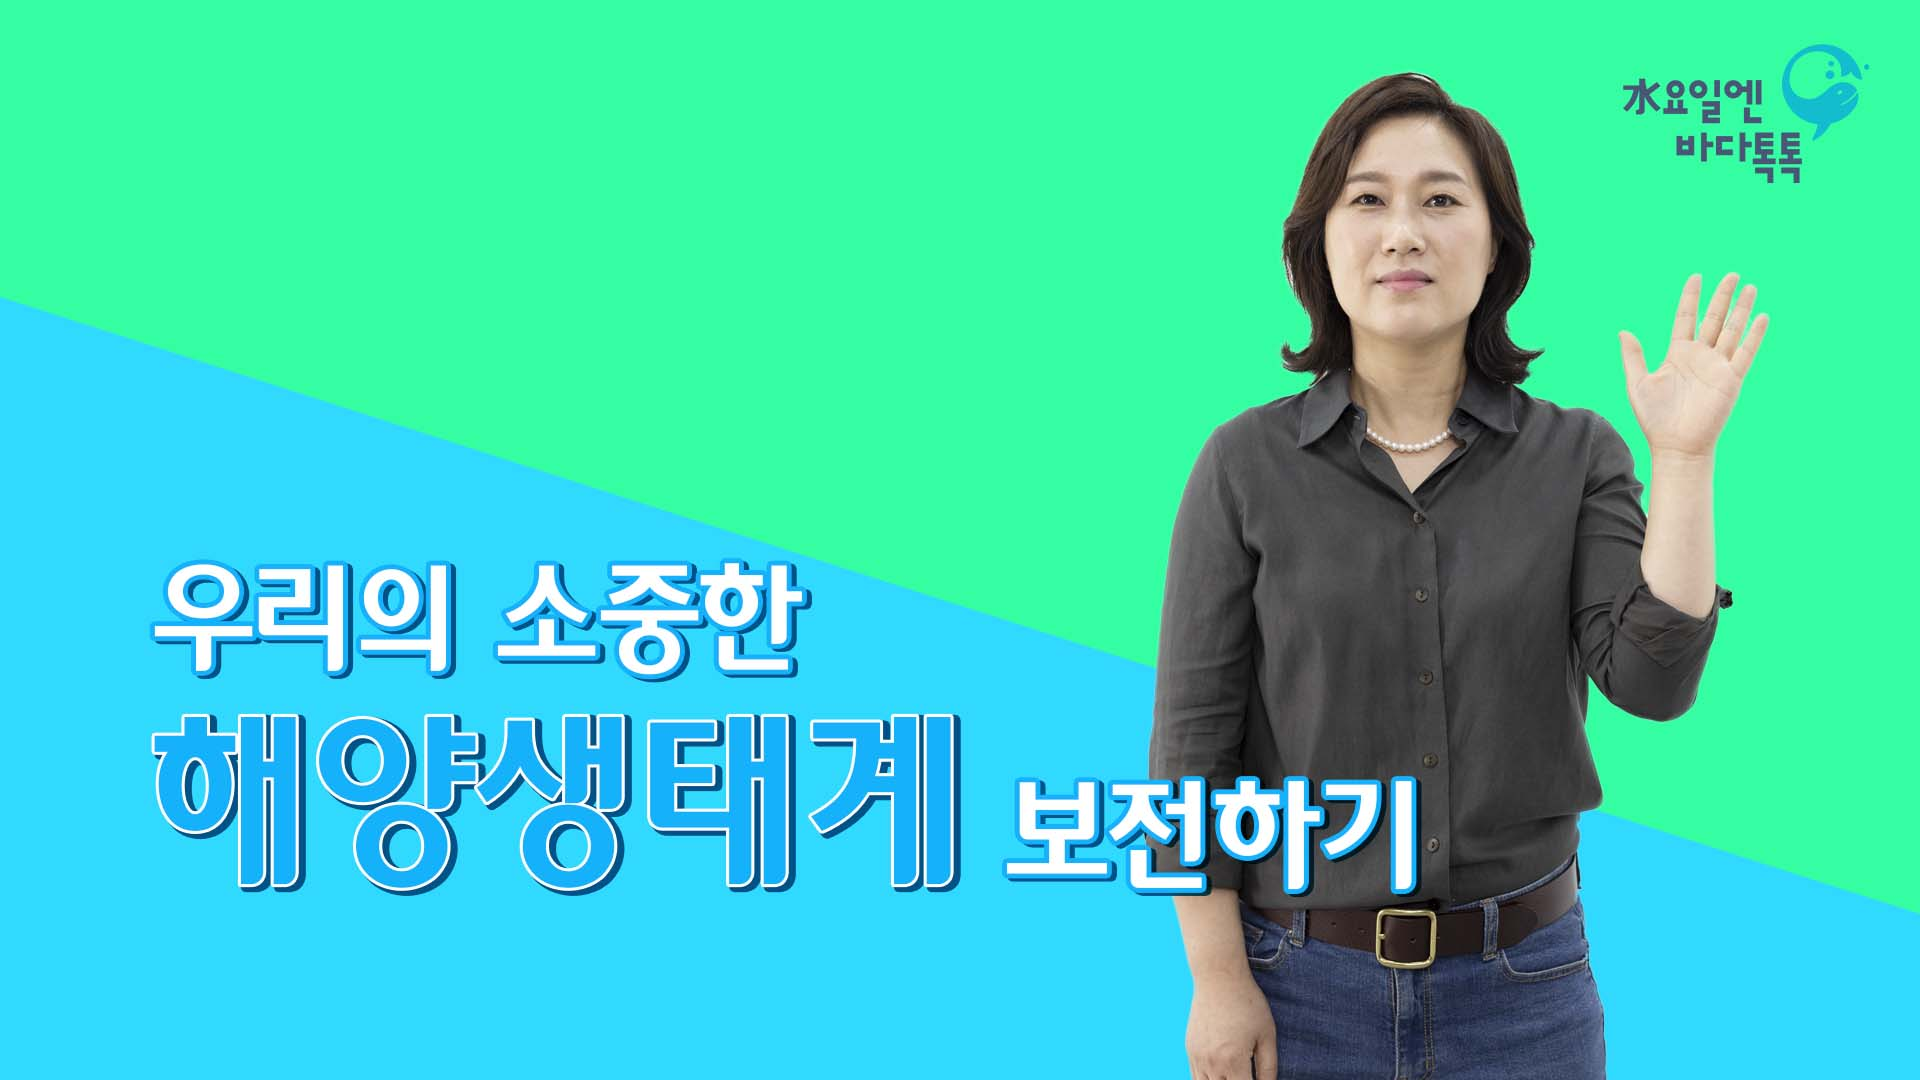 서울 5회 본강연 썸네일